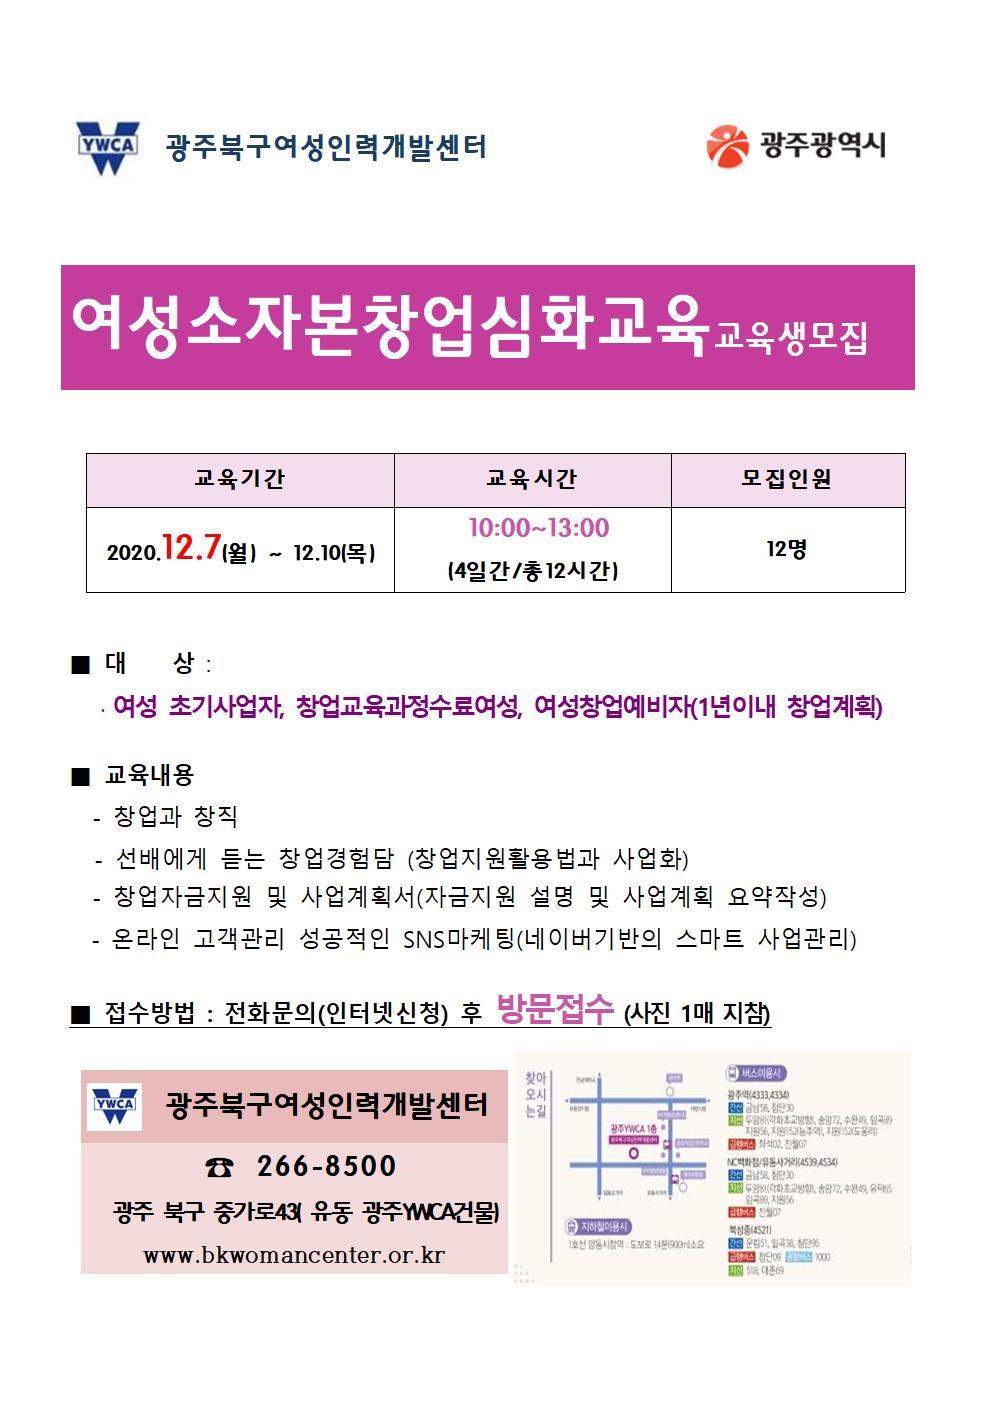 2020 여성소자본창업심화교육 홍보_북구여성인력개발센터001